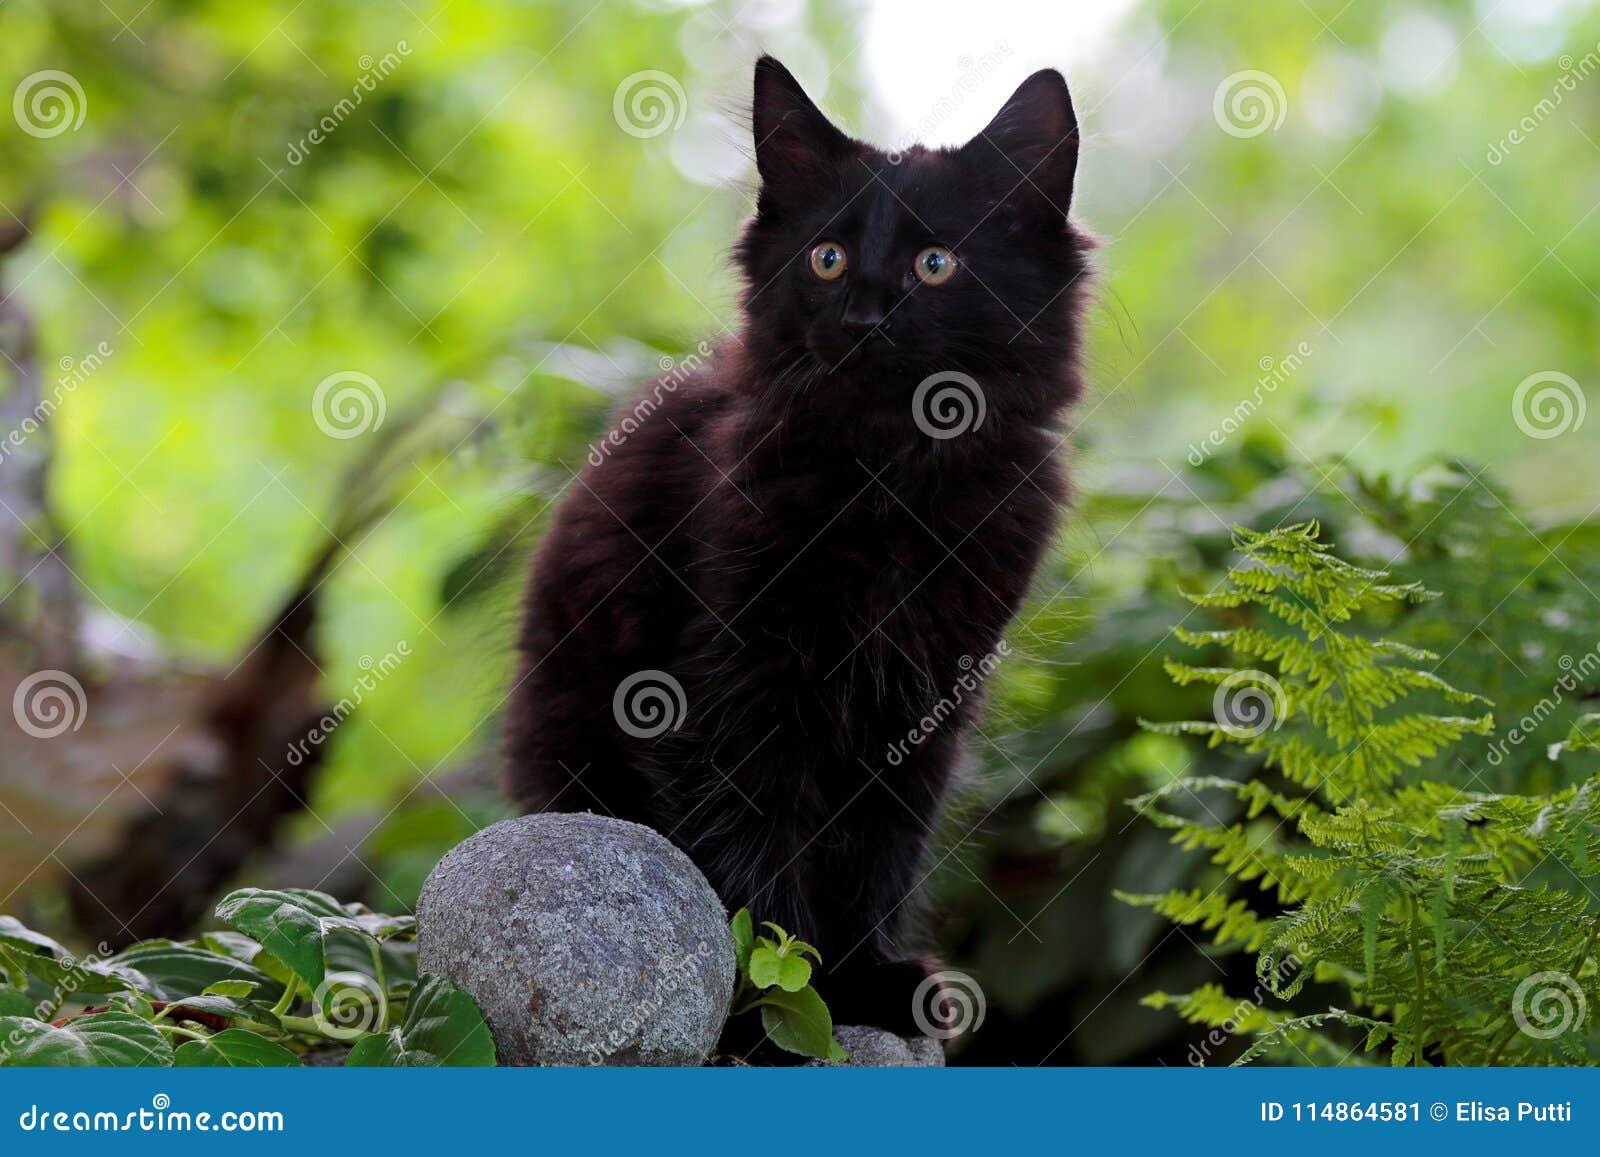 Black Norwegian Forest Cat Kitten On A Stone Stock Image Image Of Animal Norwegian 114864581